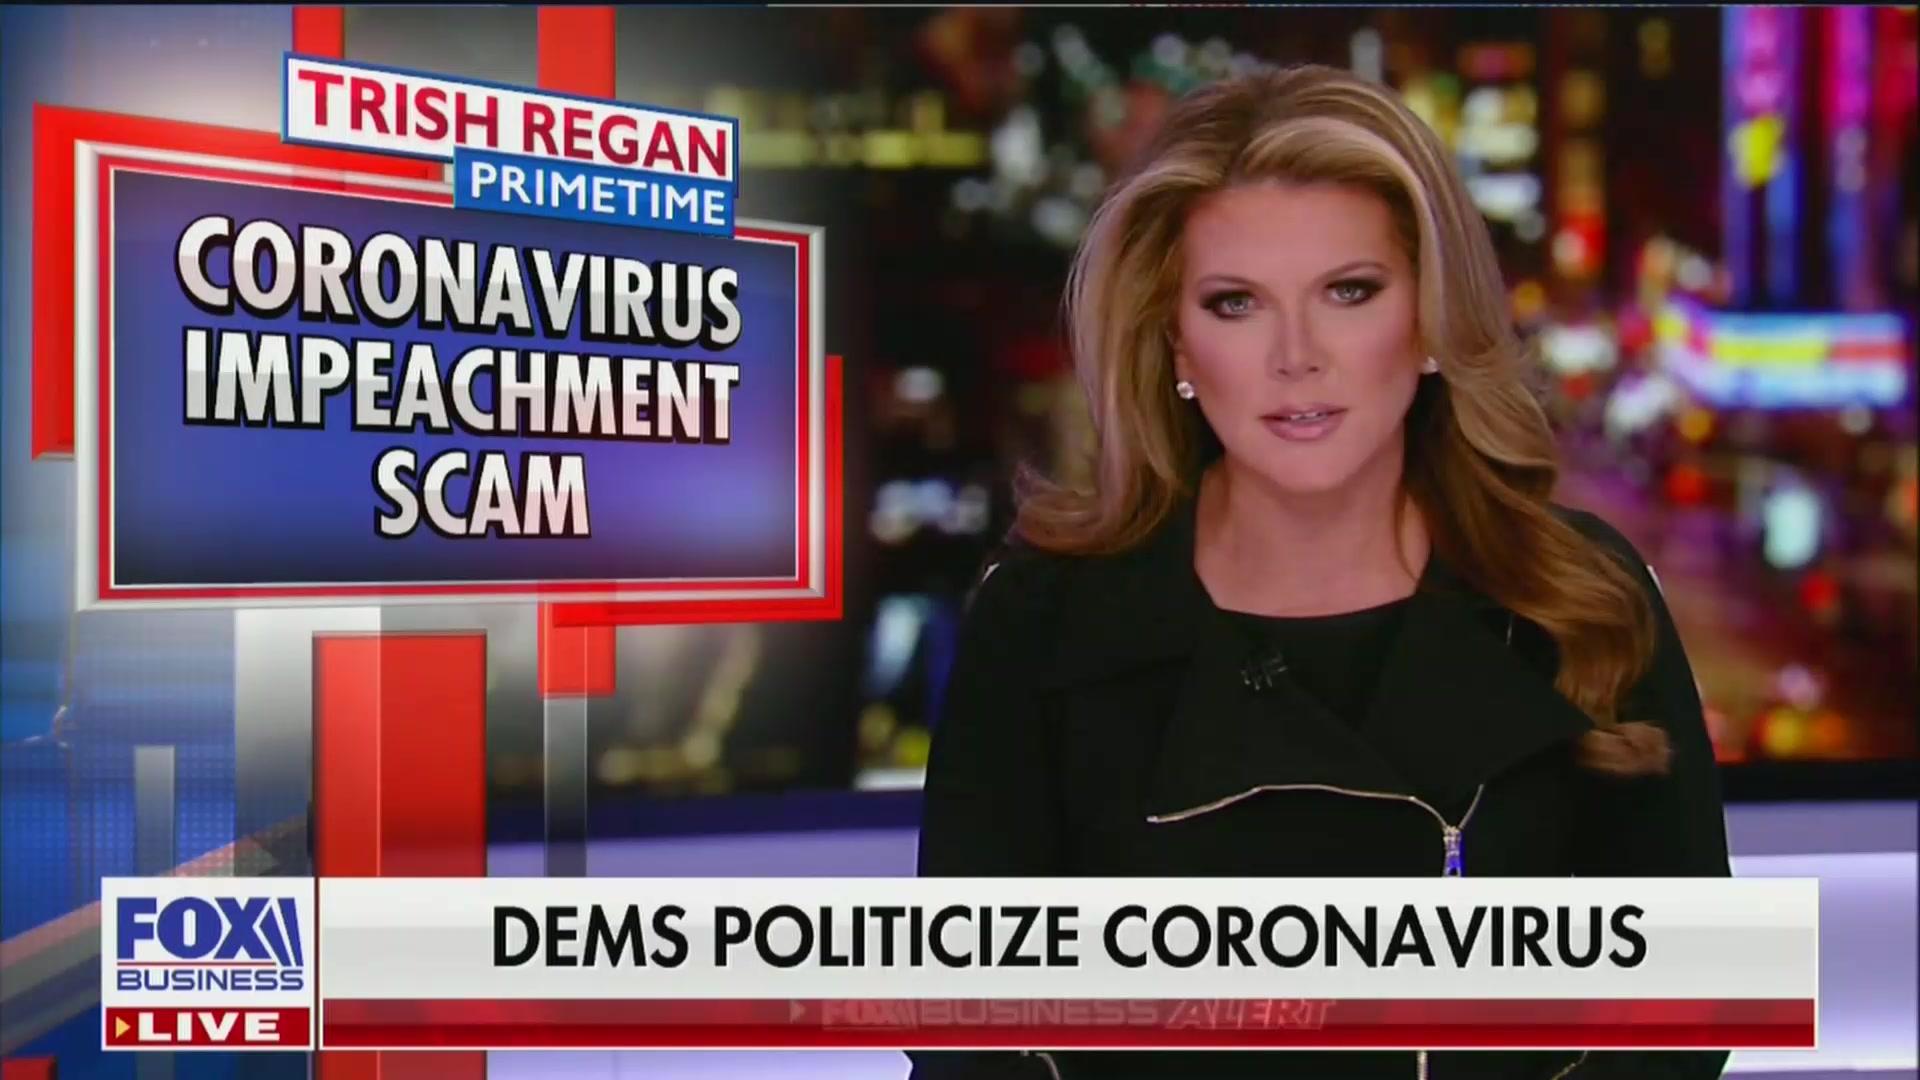 Fox Host Trish Regan Unleashes Nutty Tirade Against 'Coronavirus Impeachment Scam'